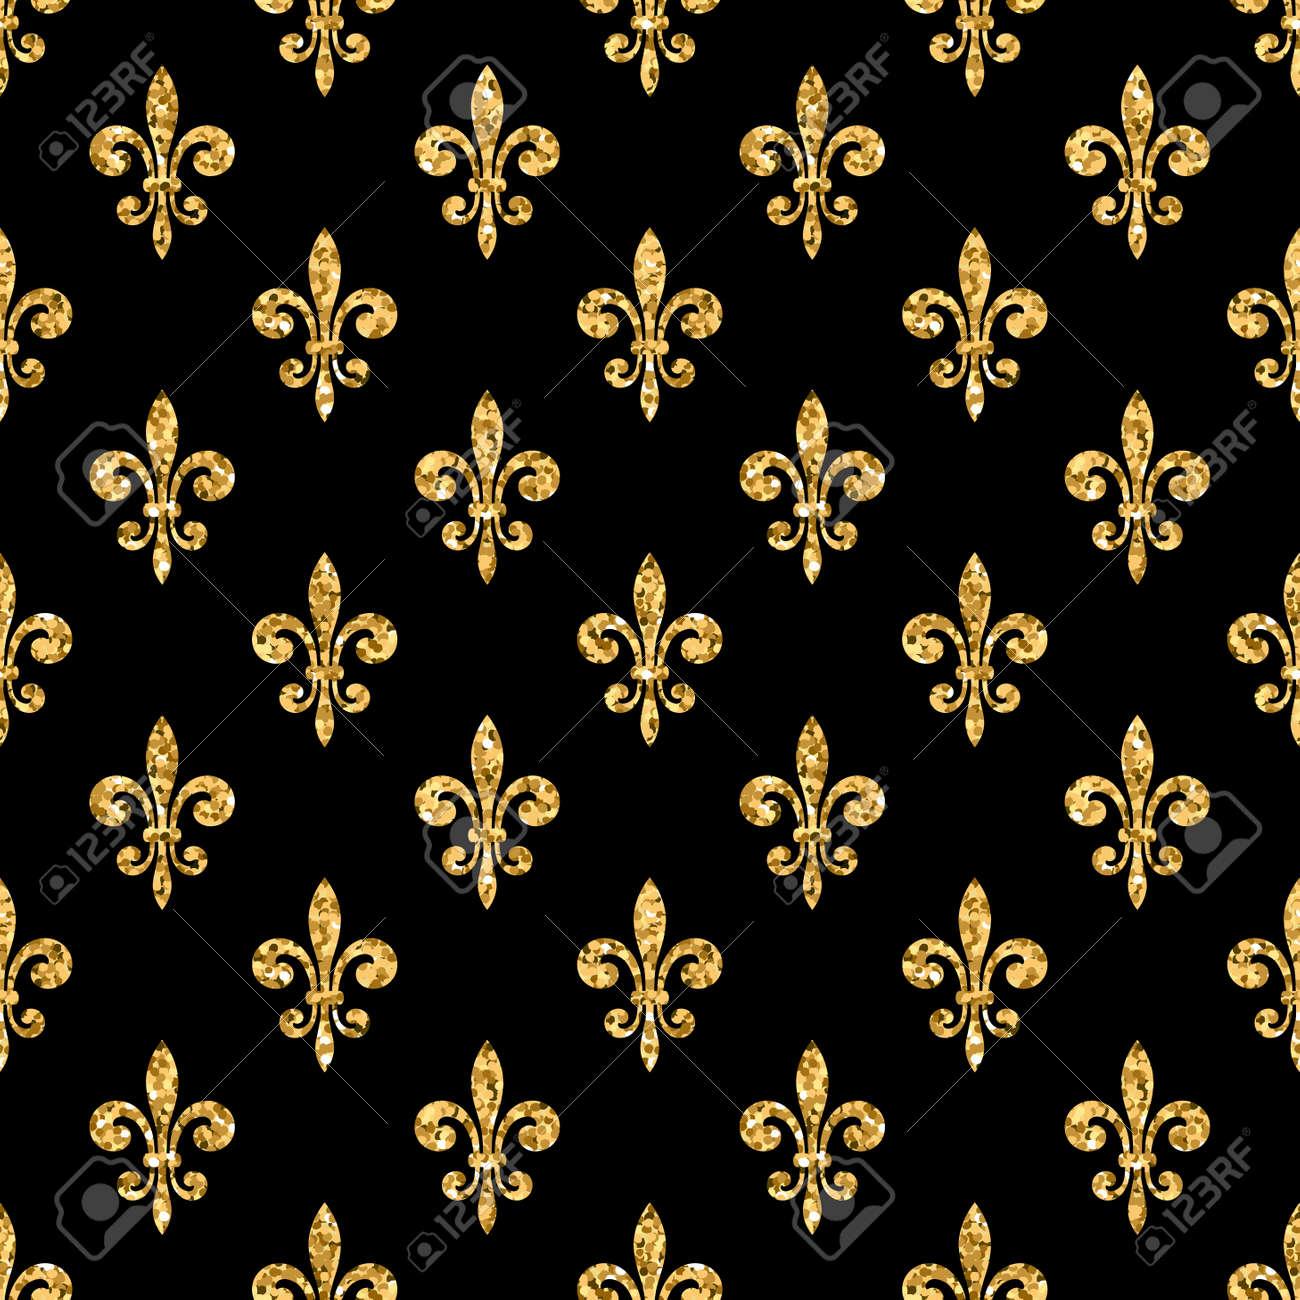 Golden Fleur De Lis Seamless Pattern Gold Glitter And Black Template Floral